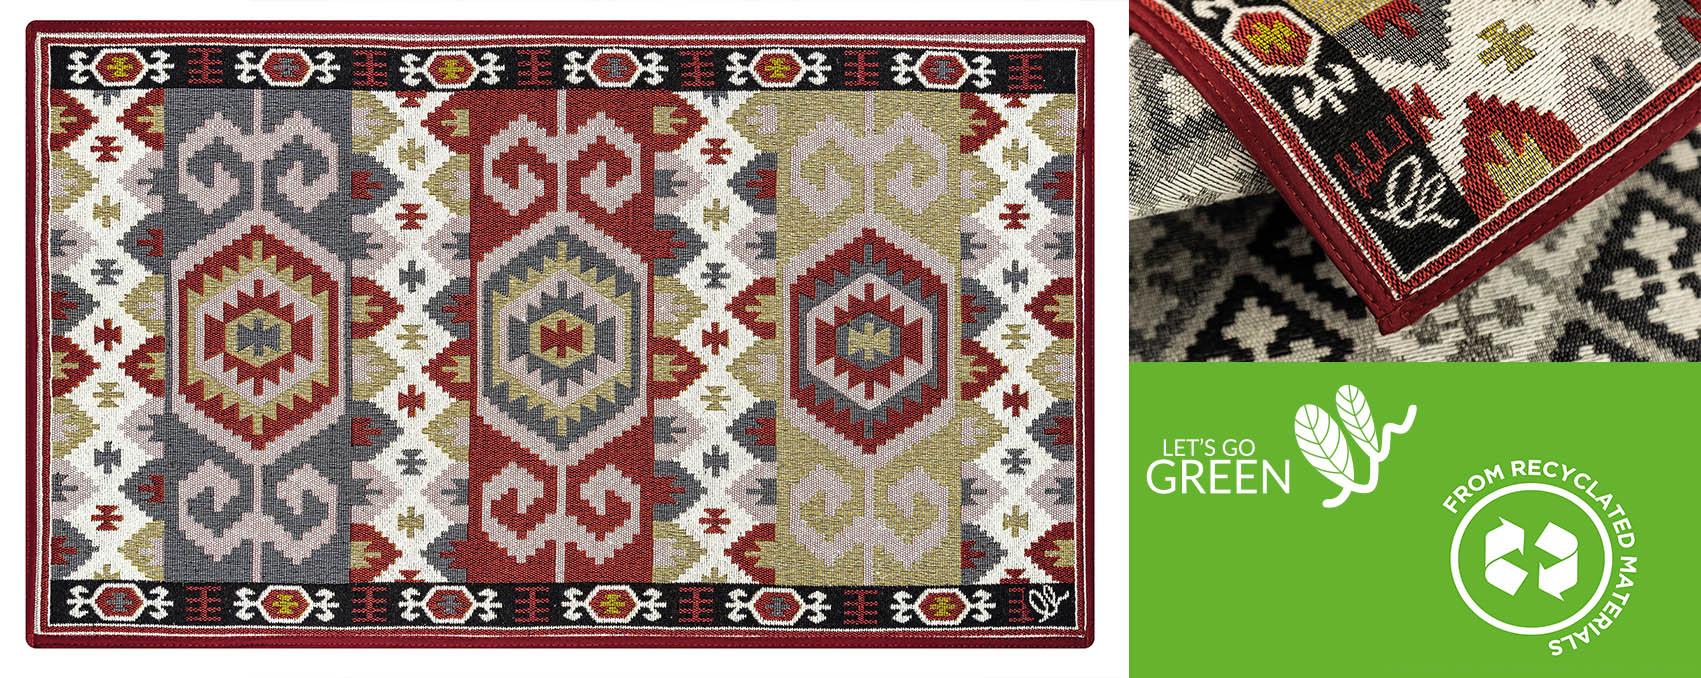 tappeti in cotone per regali green riciclabile